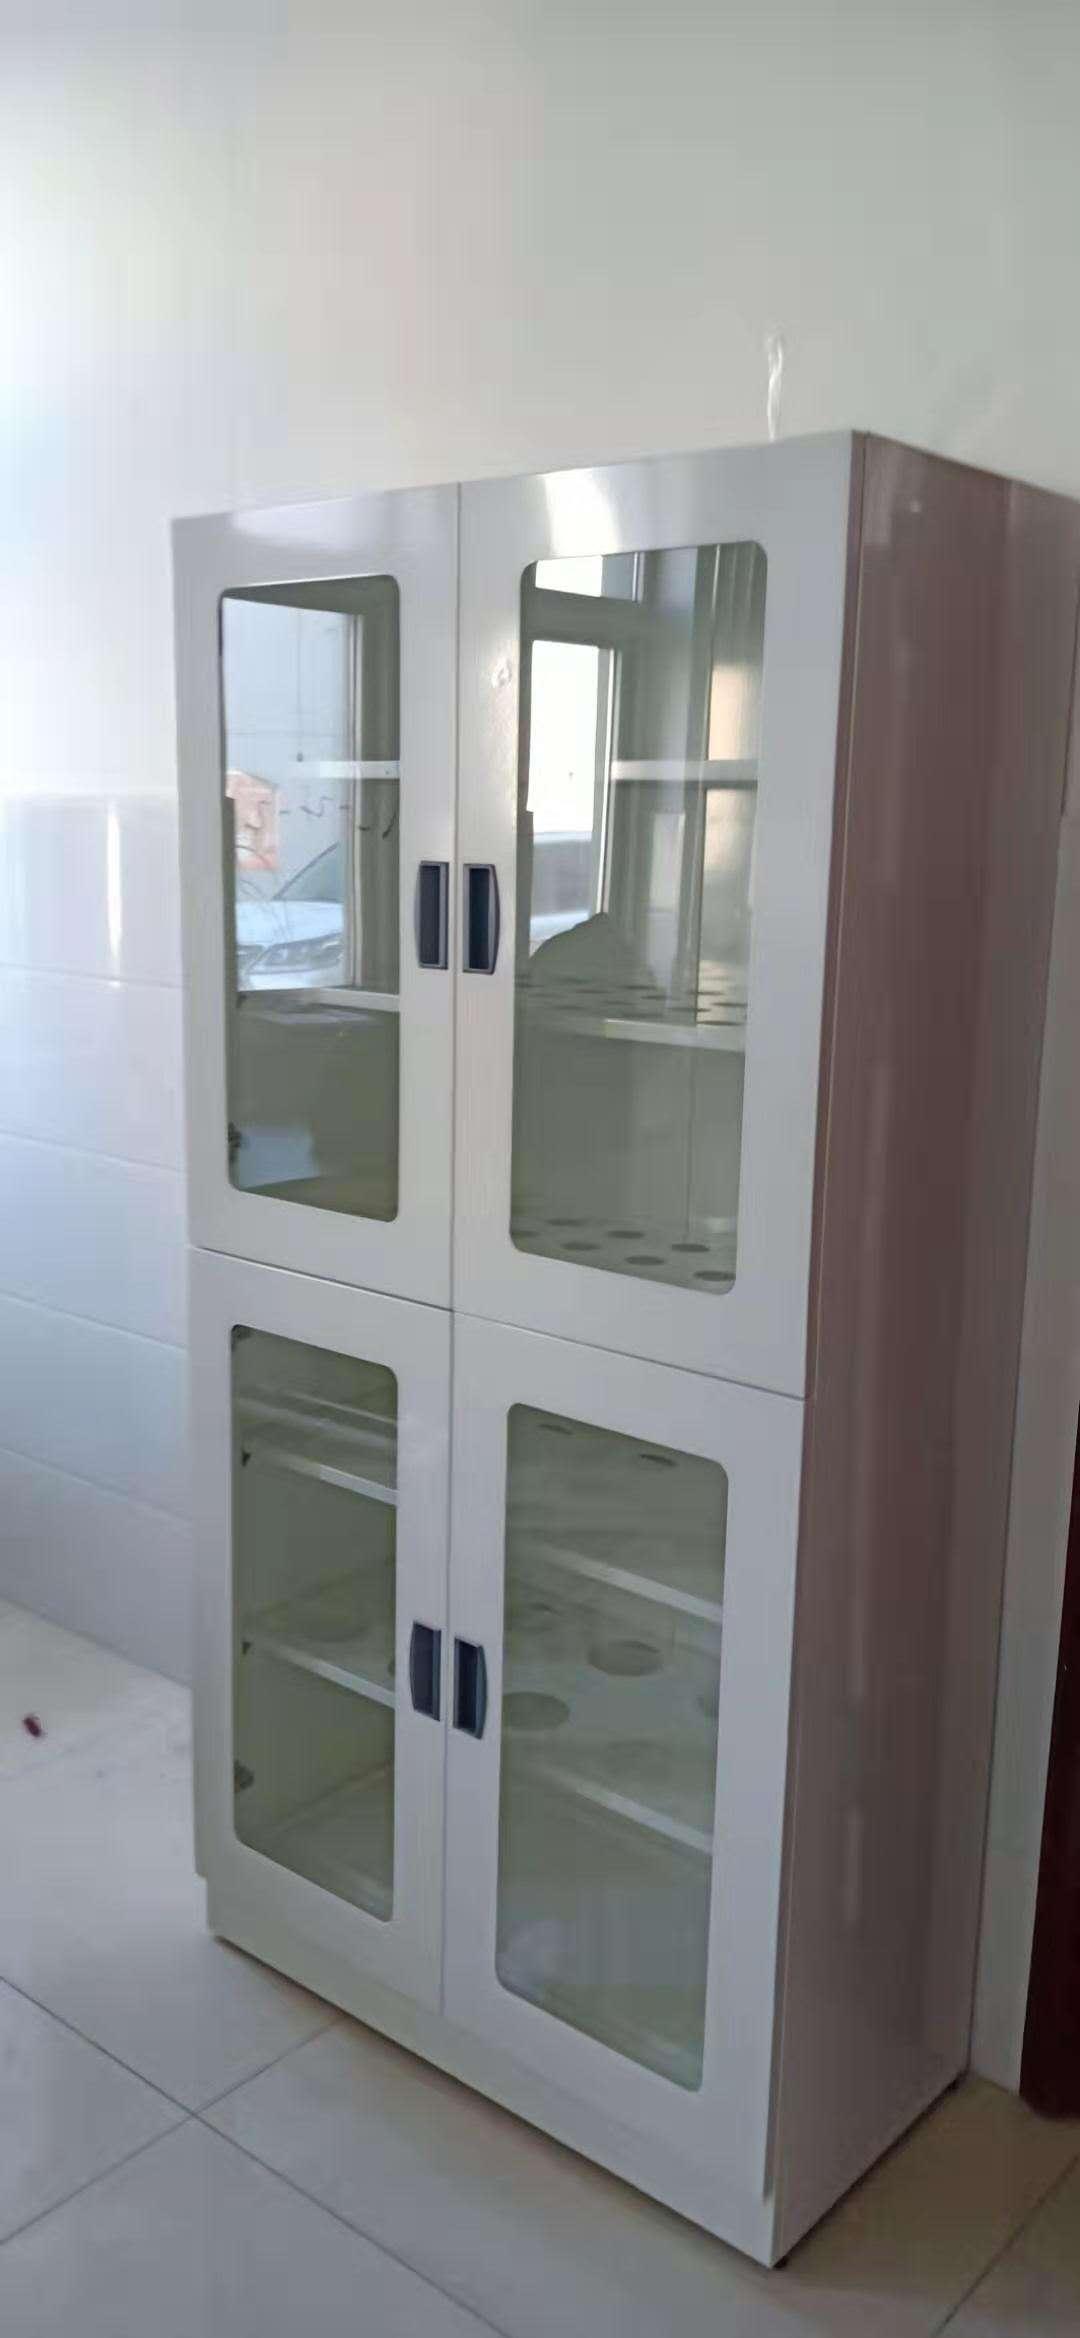 功能柜器皿柜厂家直销实验室家具定制实验室整体设计改造